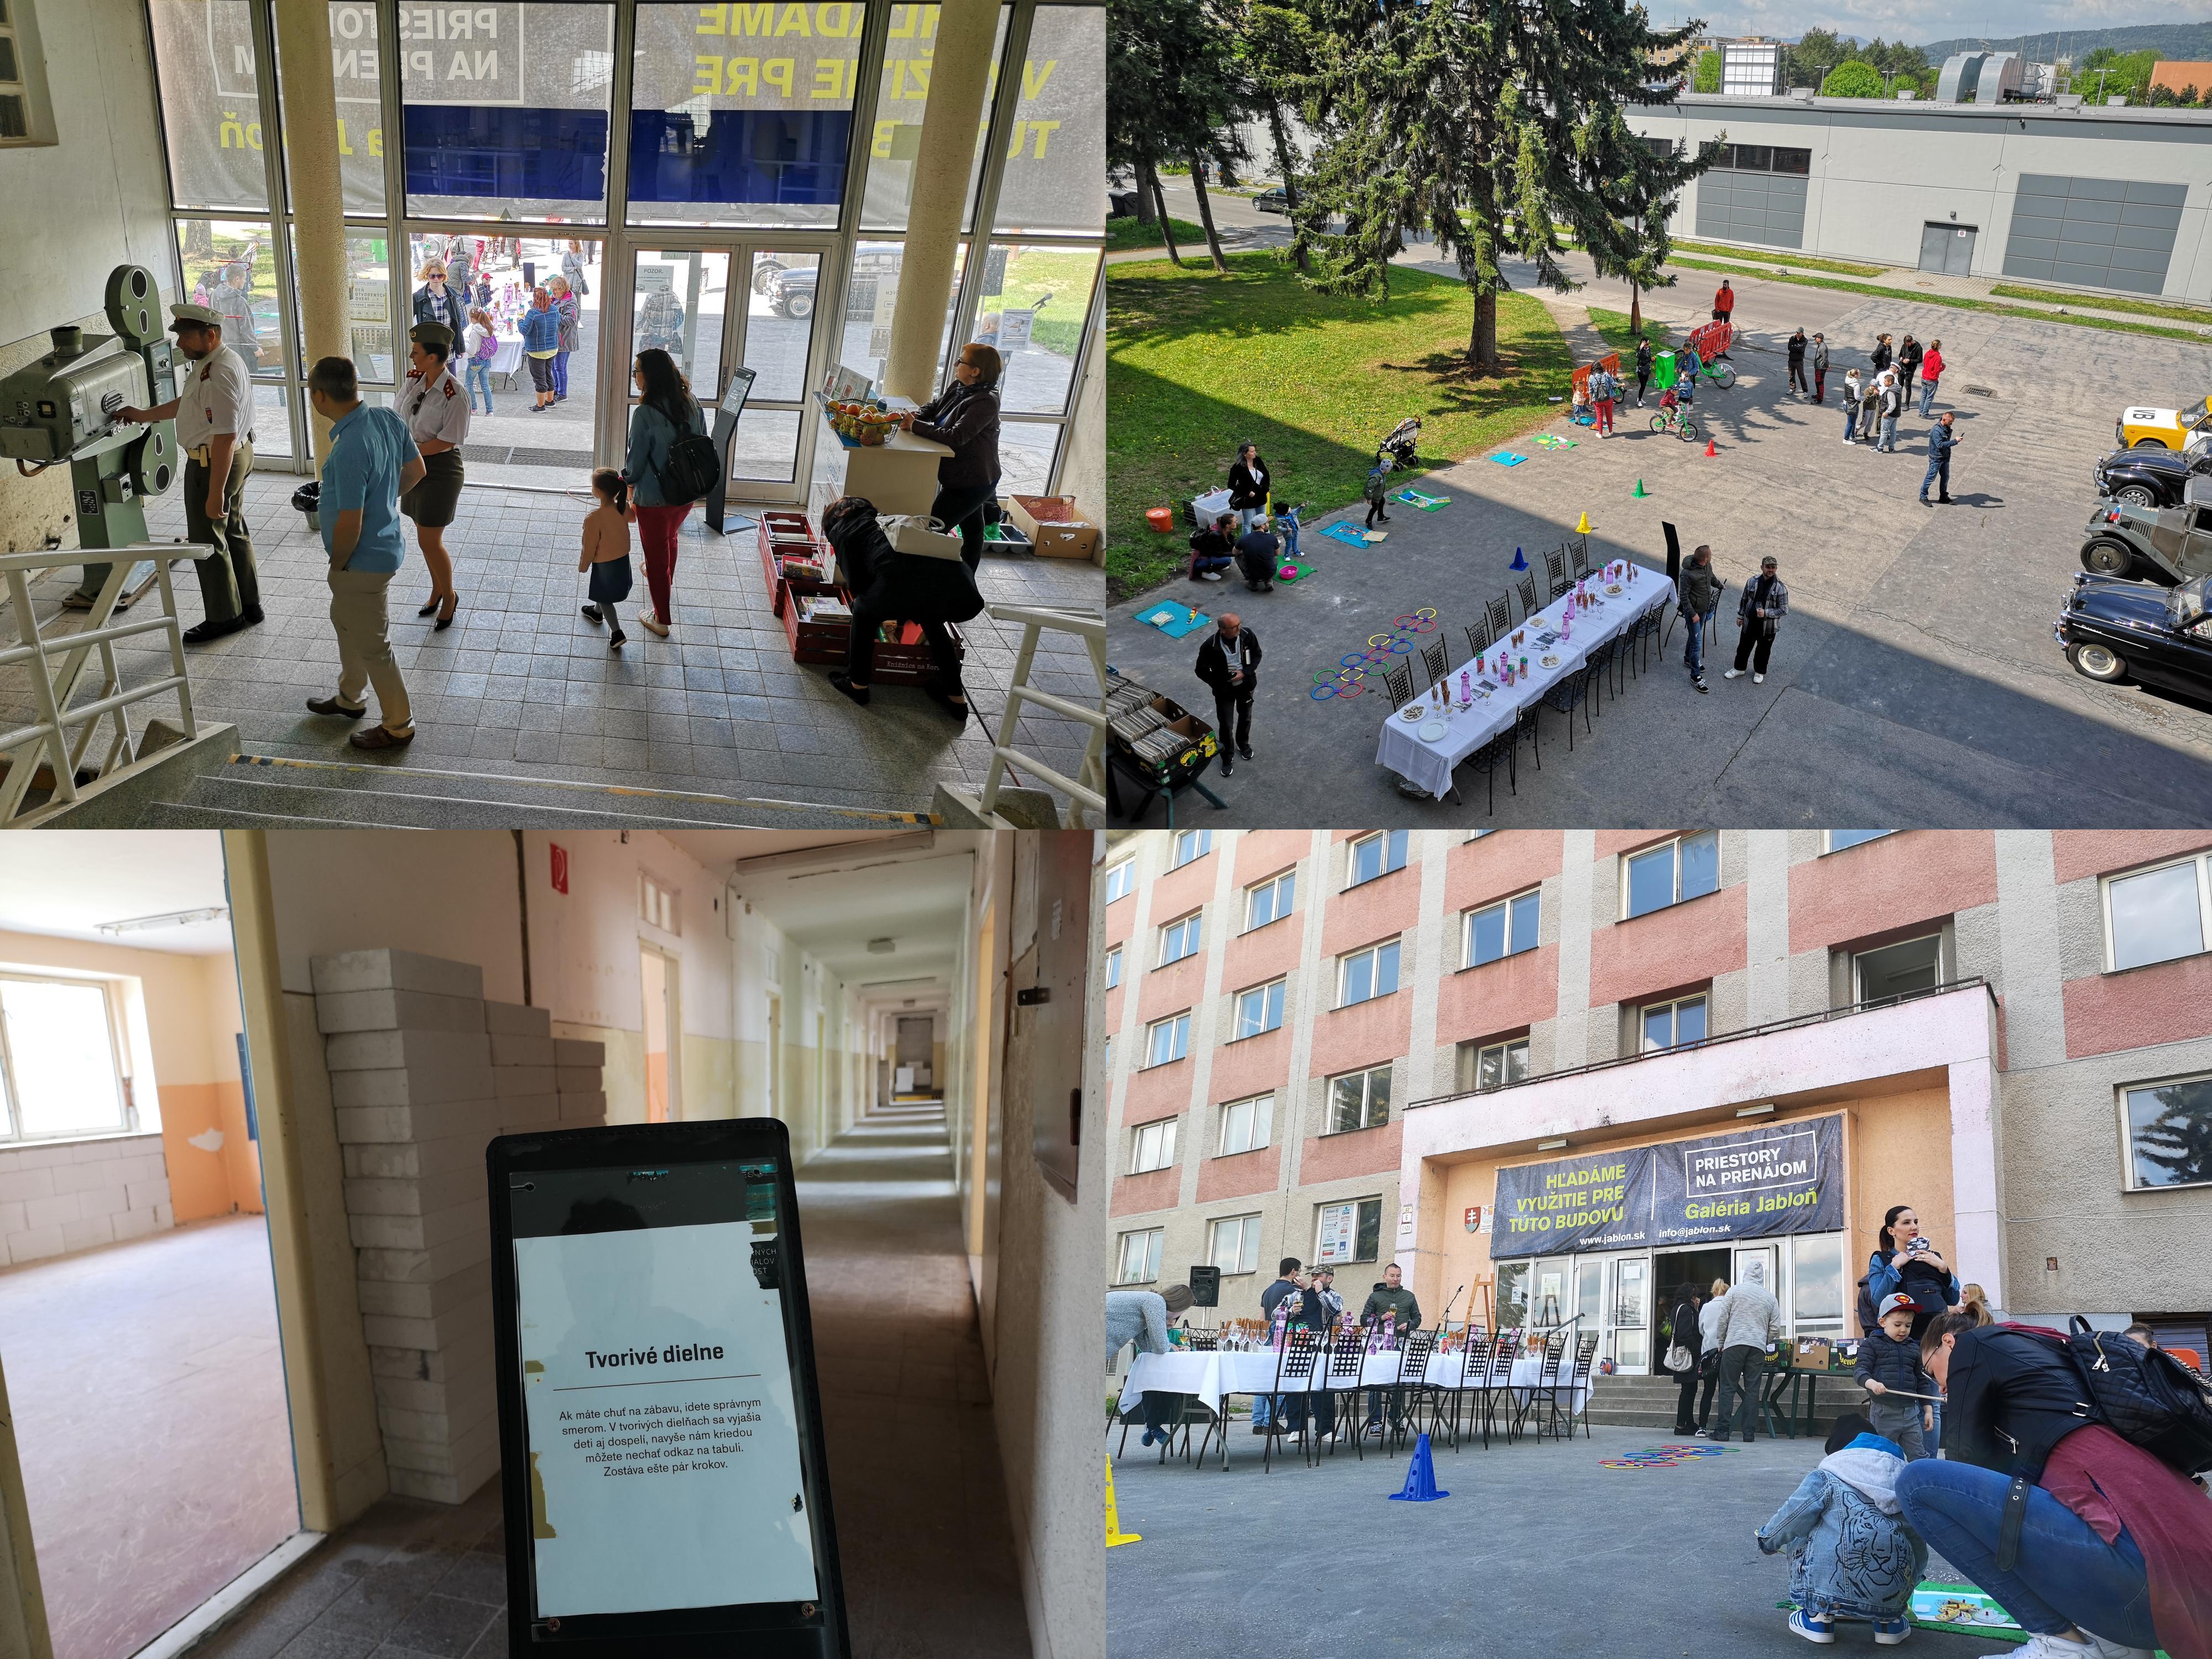 Foto: Galéria Jabloň - Prievidza - deň otvorených dverí